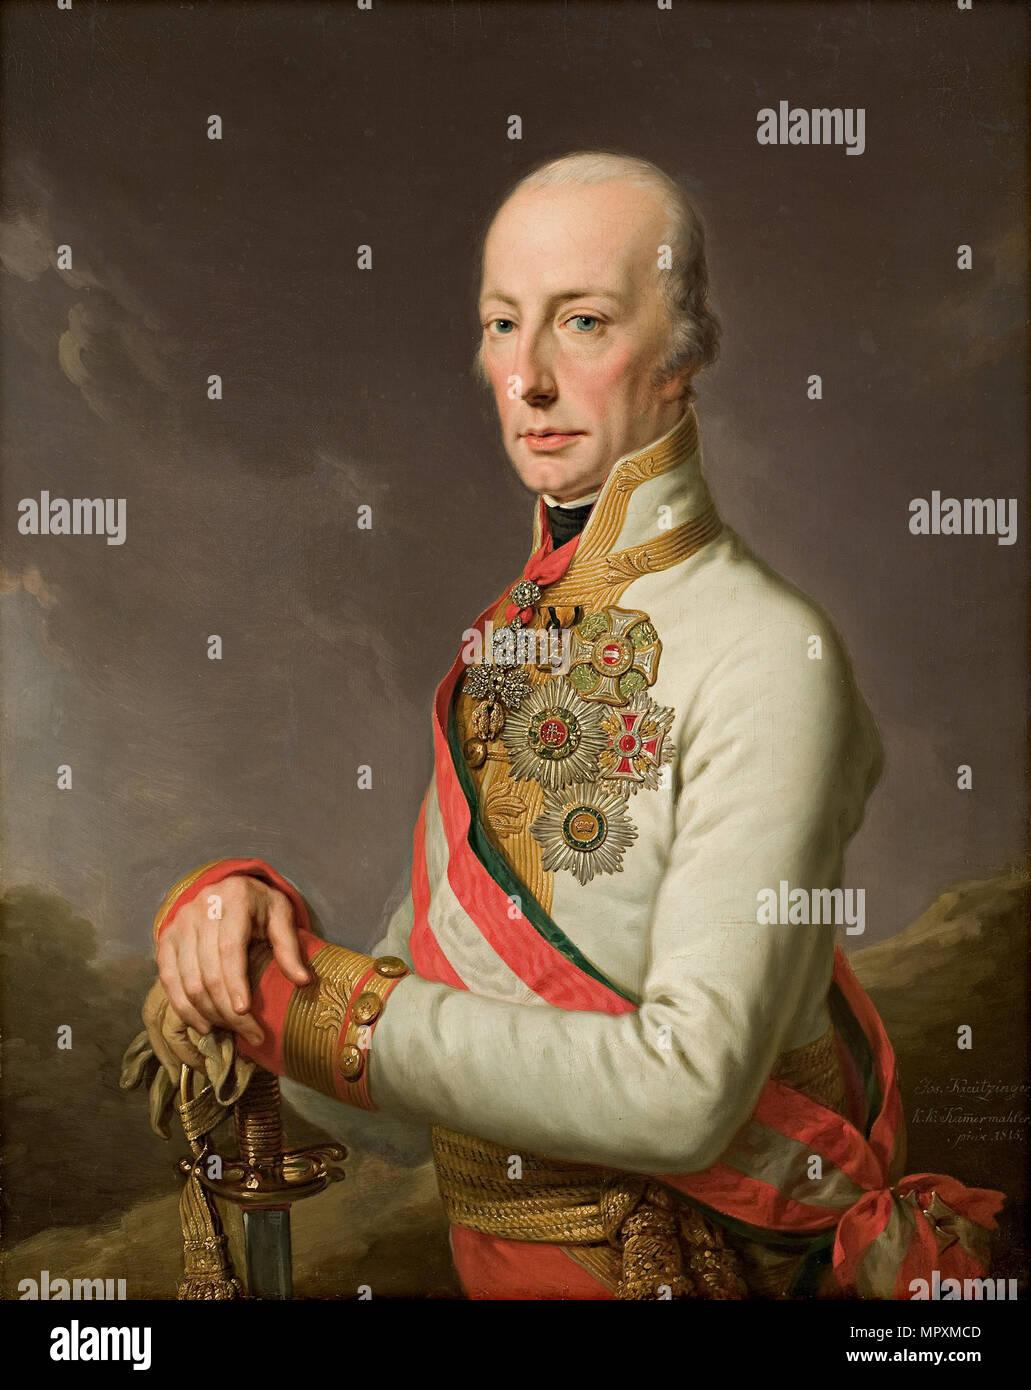 Retrato Del Emperador Del Sacro Imperio Romano Germánico Francisco Ii 1768 1835 1815 Fotografía De Stock Alamy